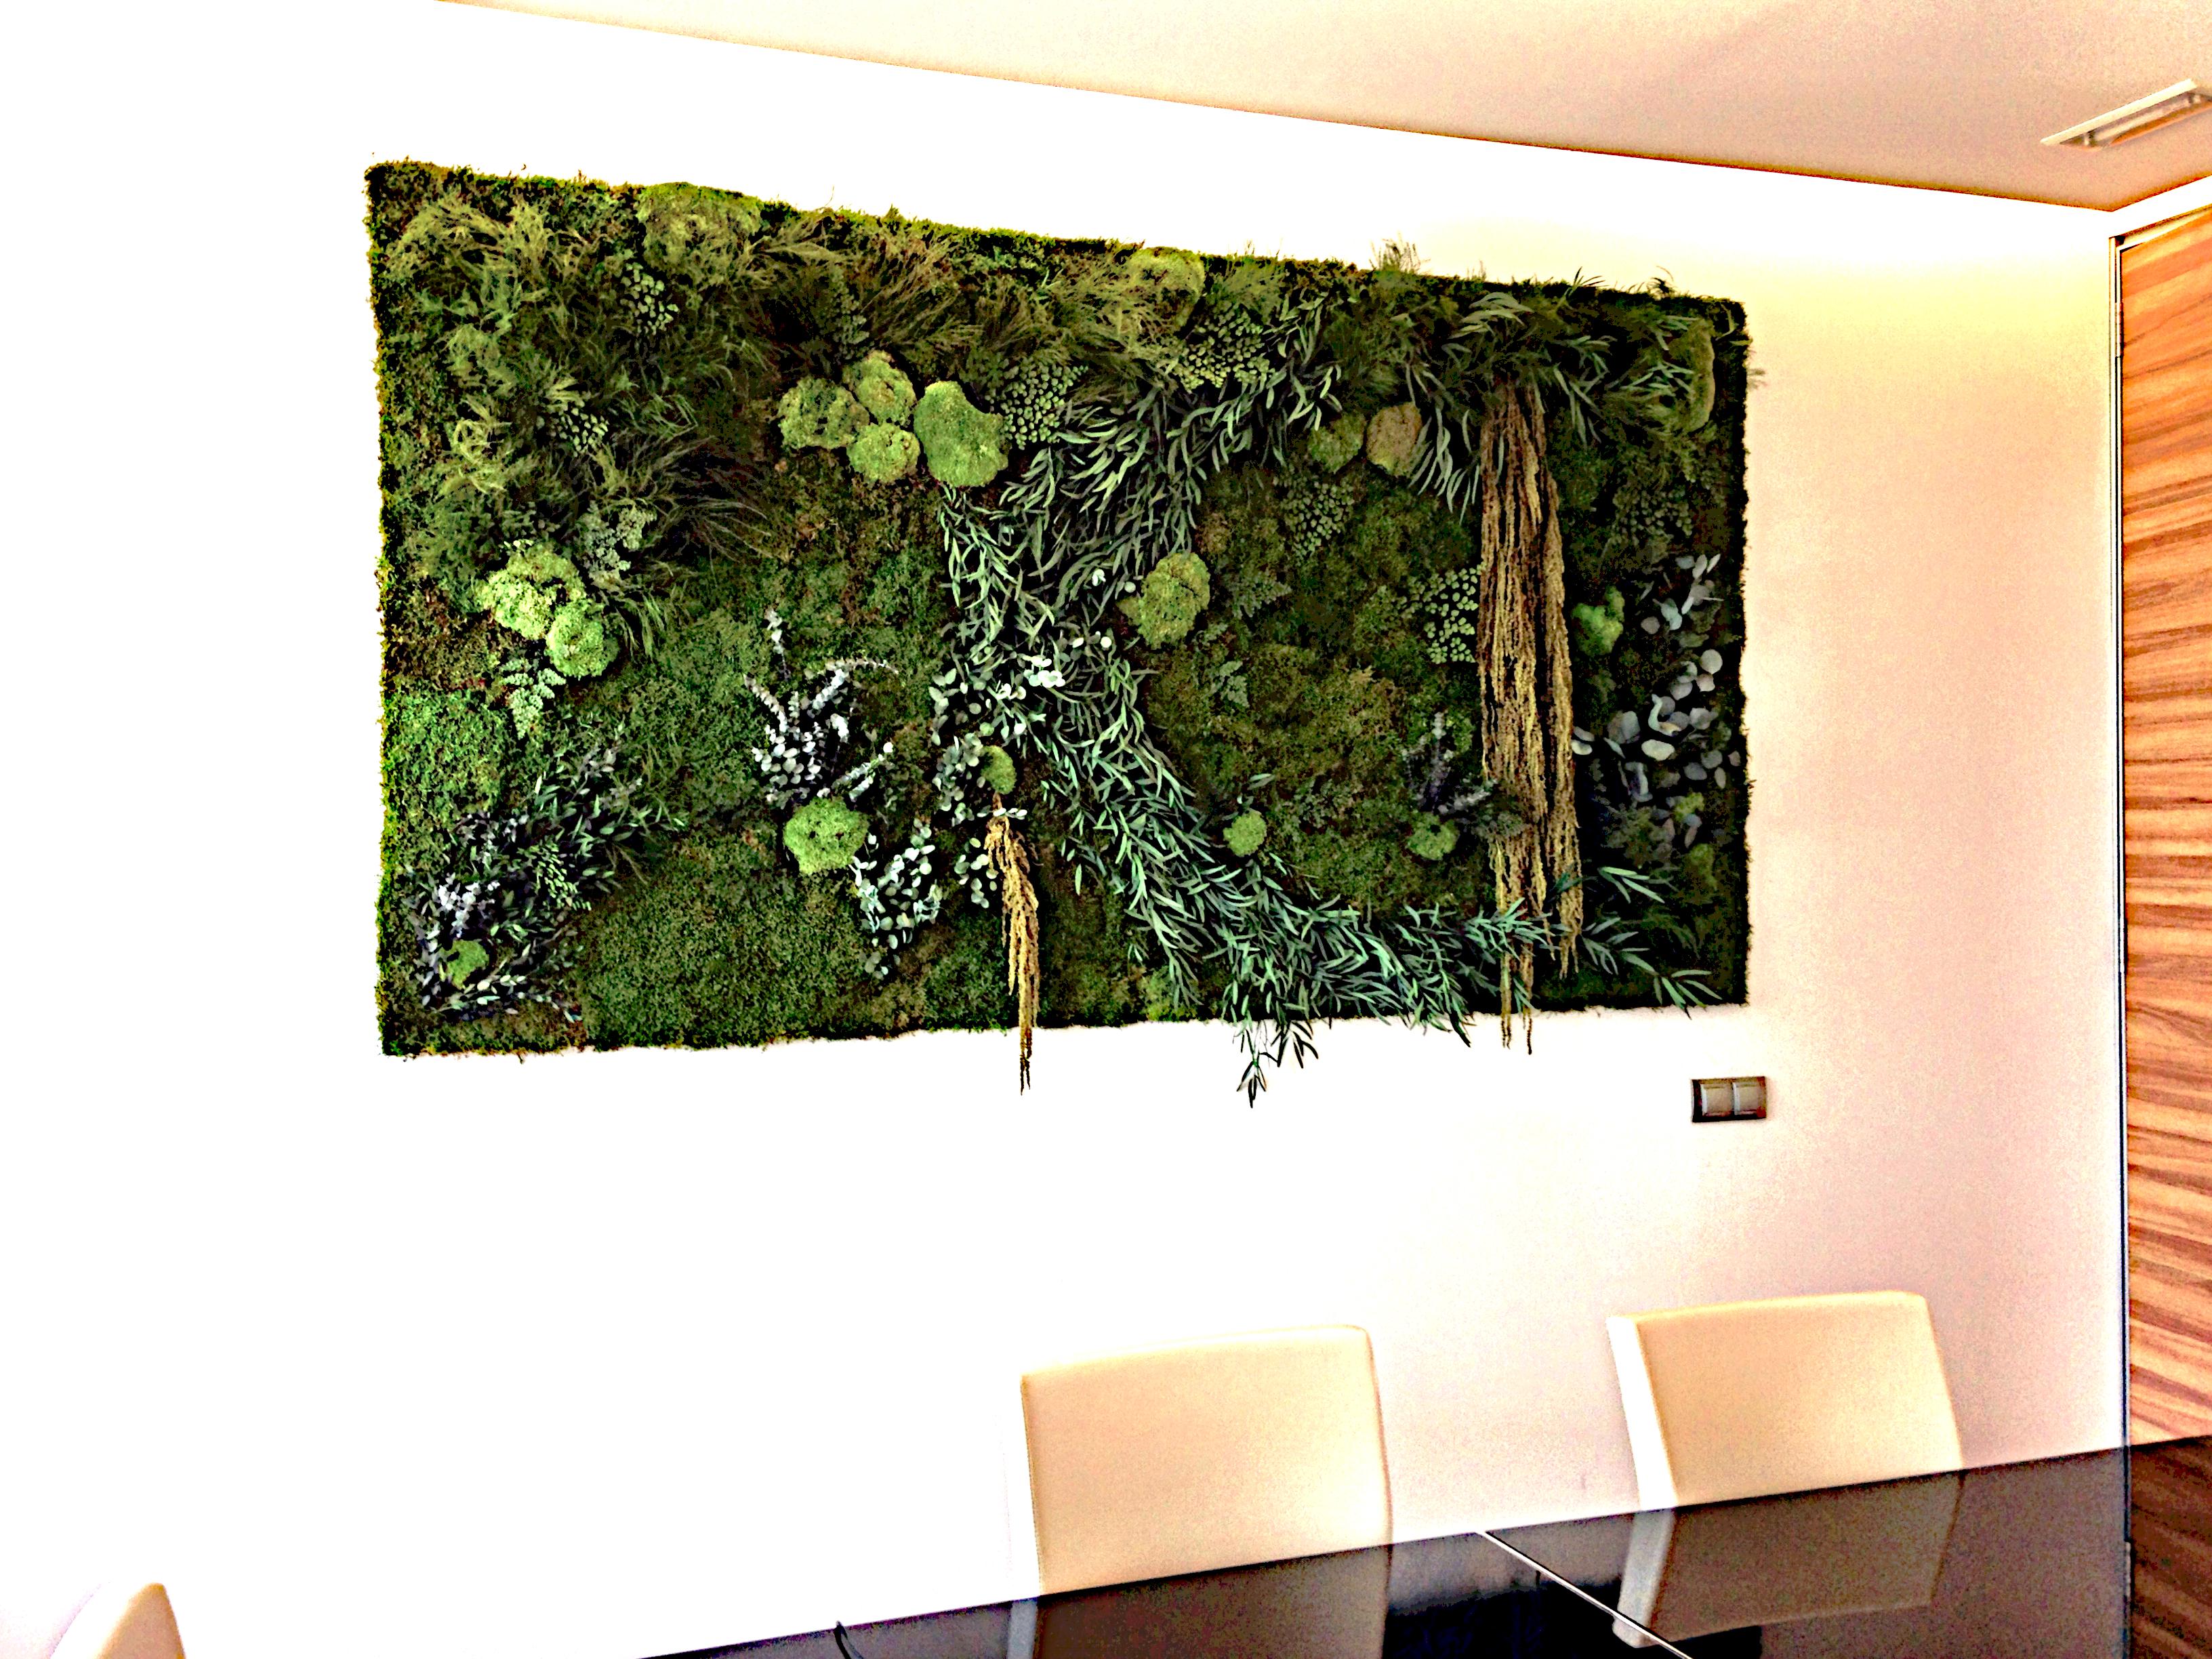 Jard n vertical para la oficina de contesta monamour for Jardin vertical oficina